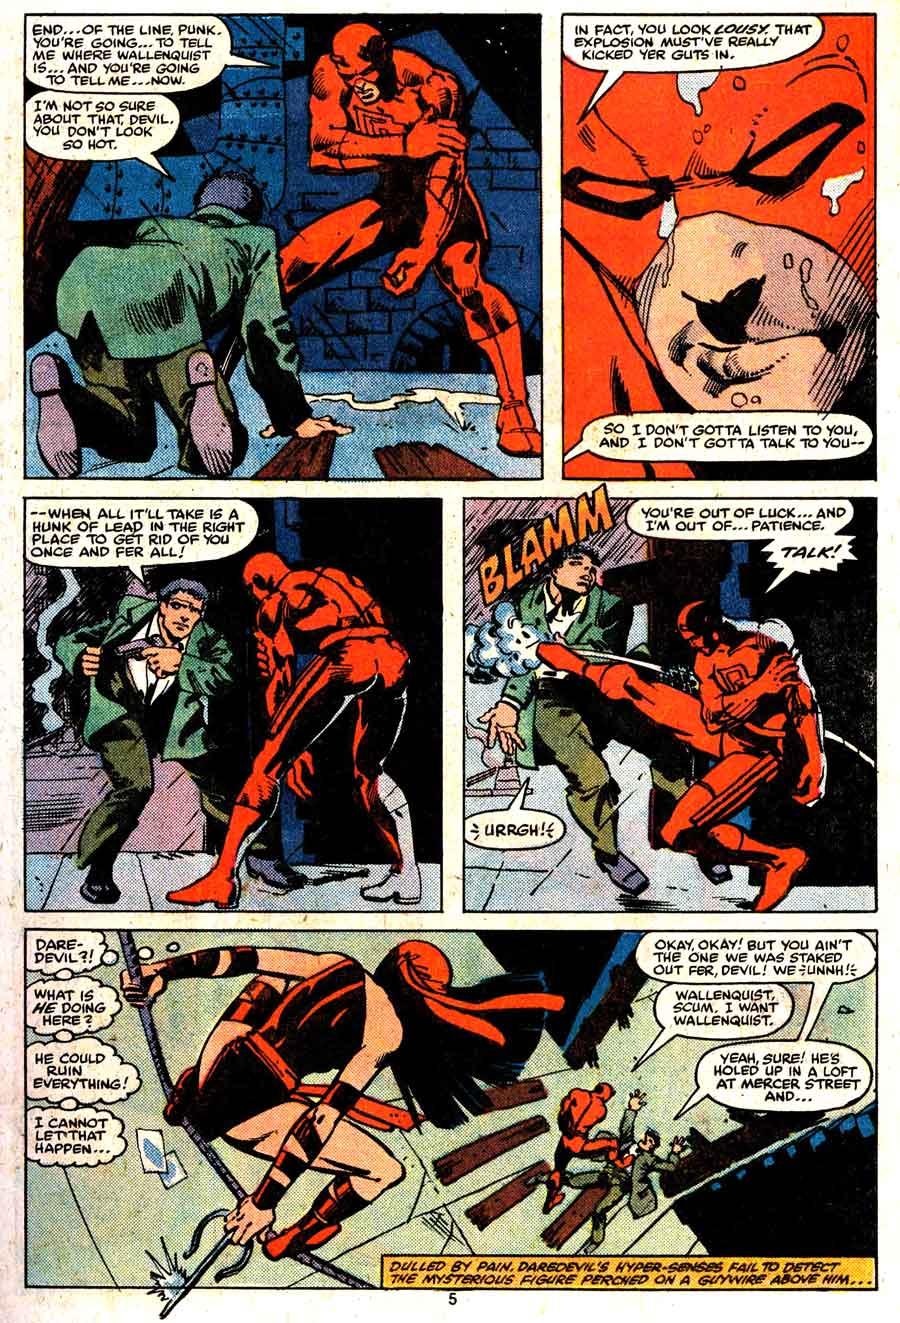 Daredevil v1 #168 elektra marvel comic book page art by Frank Miller